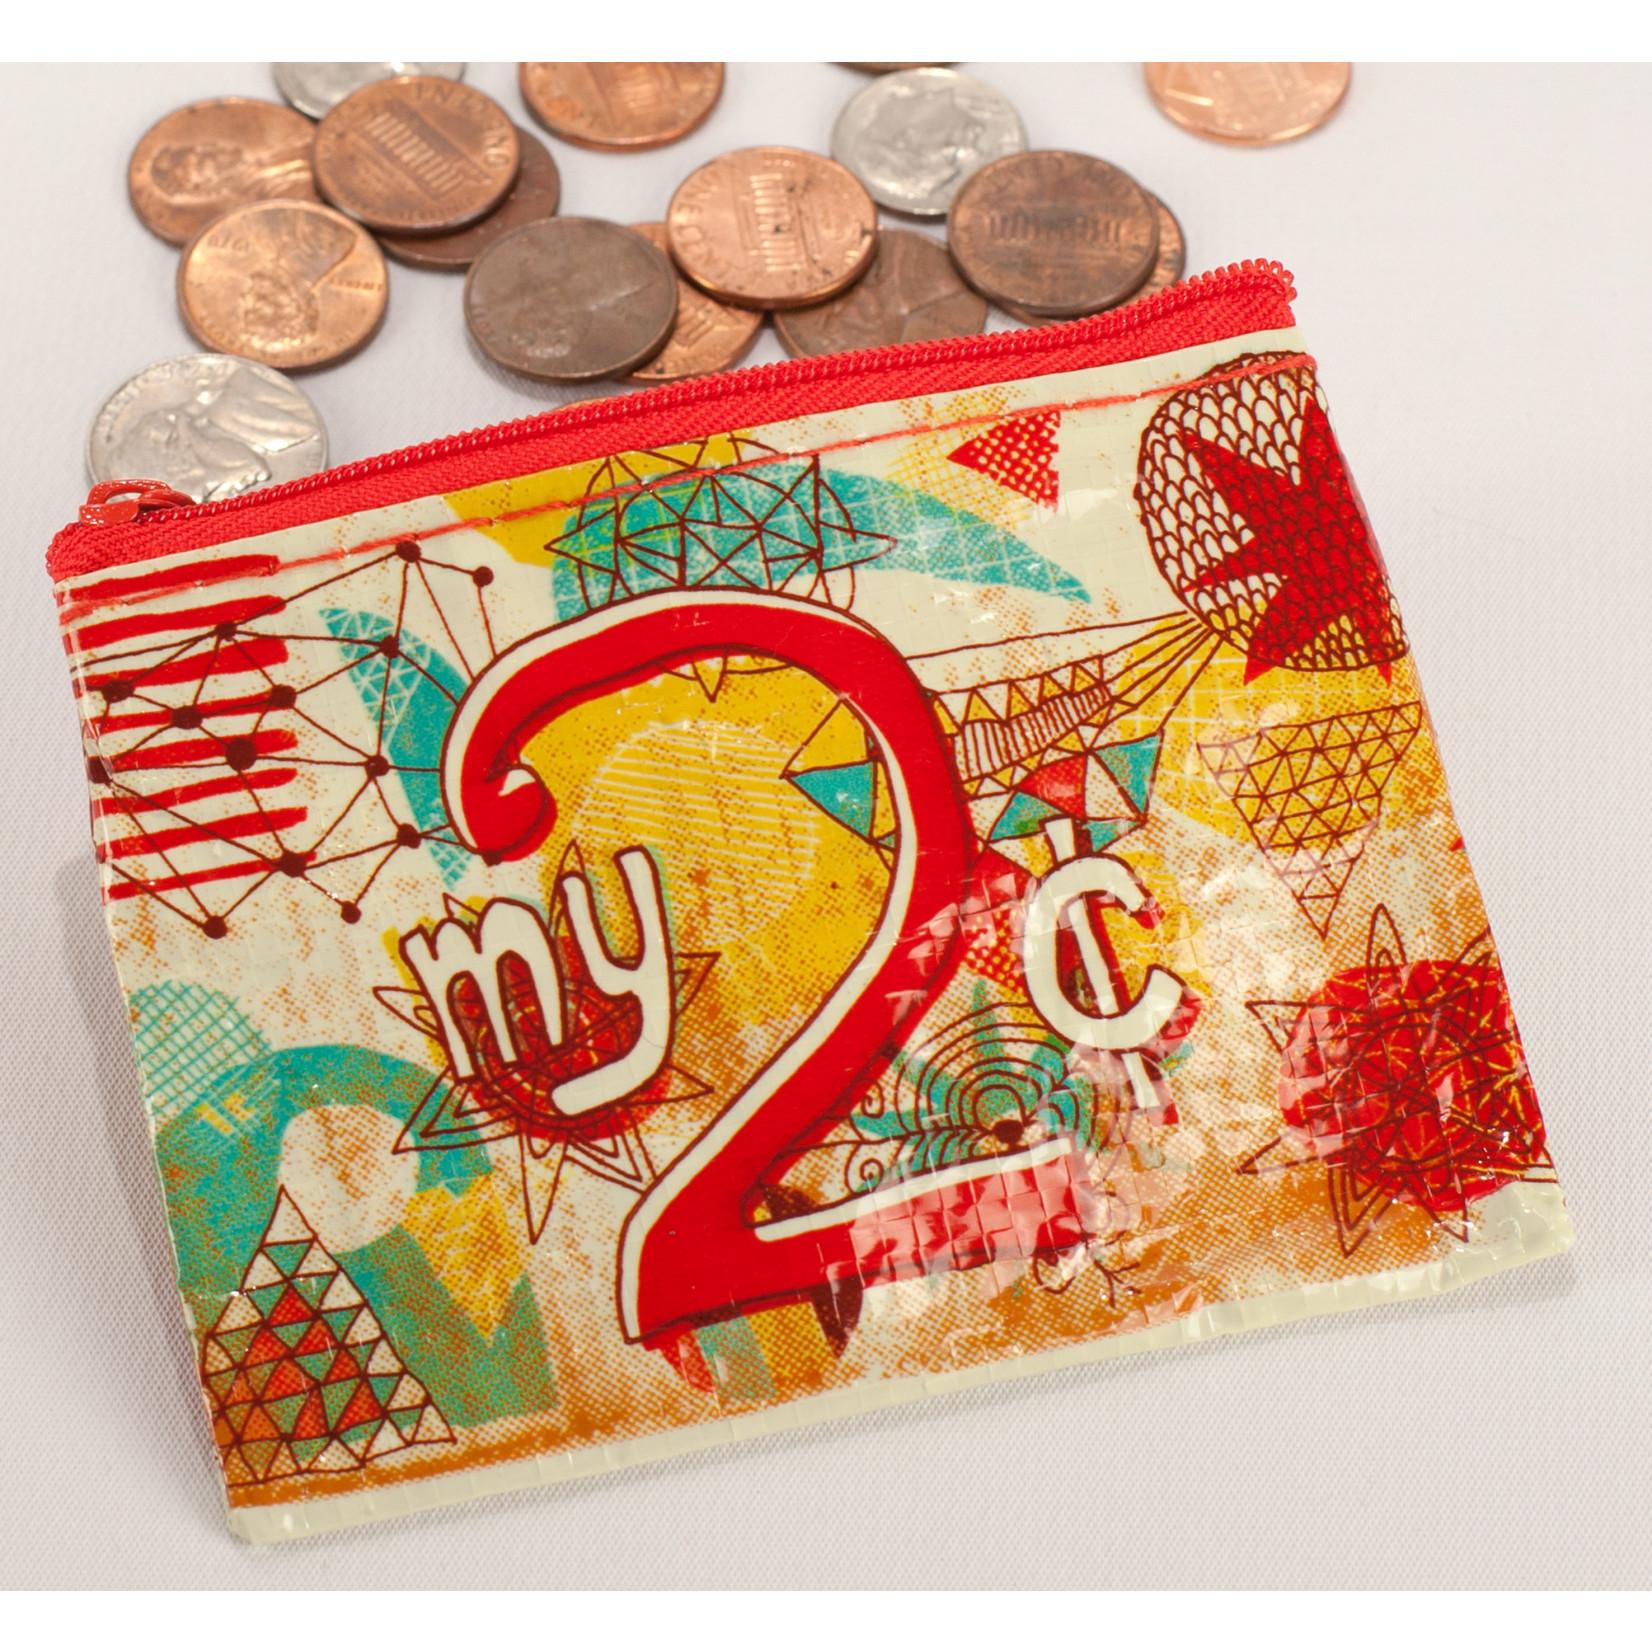 Blue Q Coin Purse - My 2 Cents